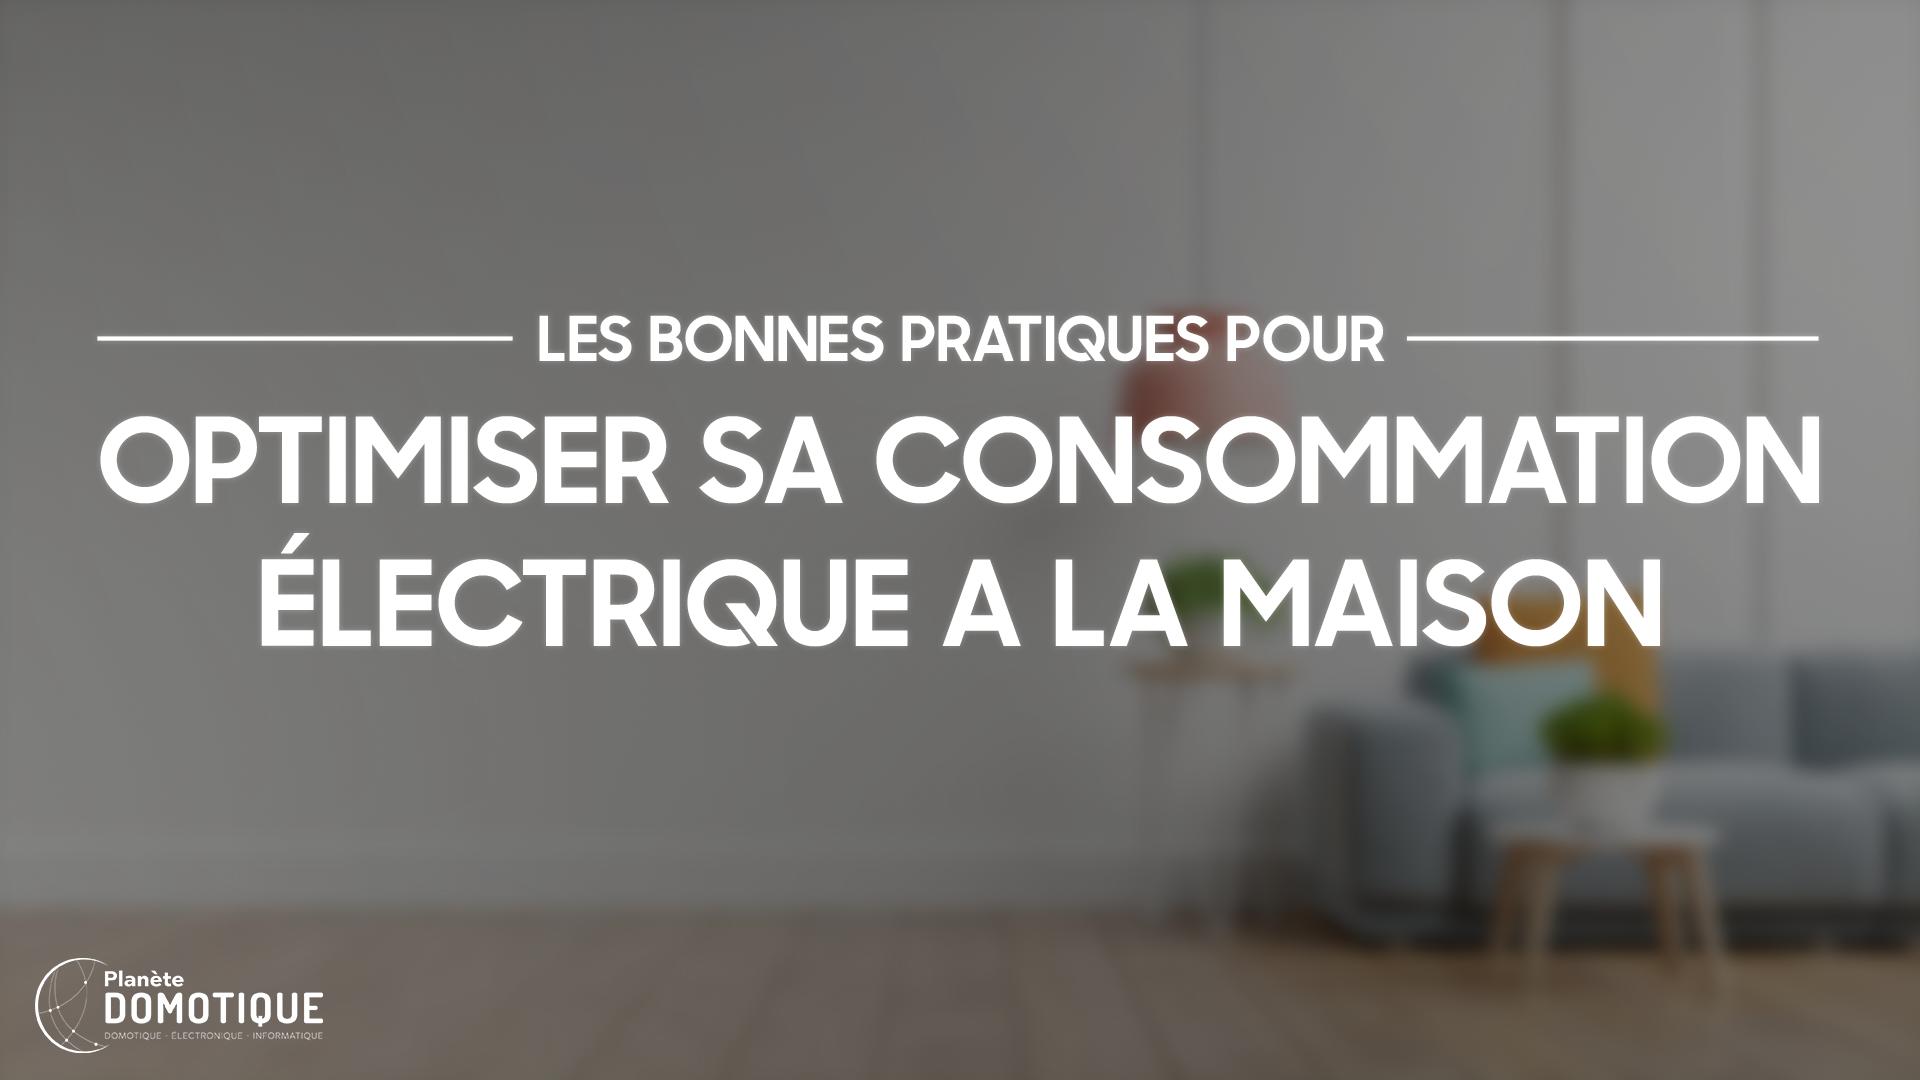 Bonnes pratiques pour optimiser sa consommation électrique à la maison